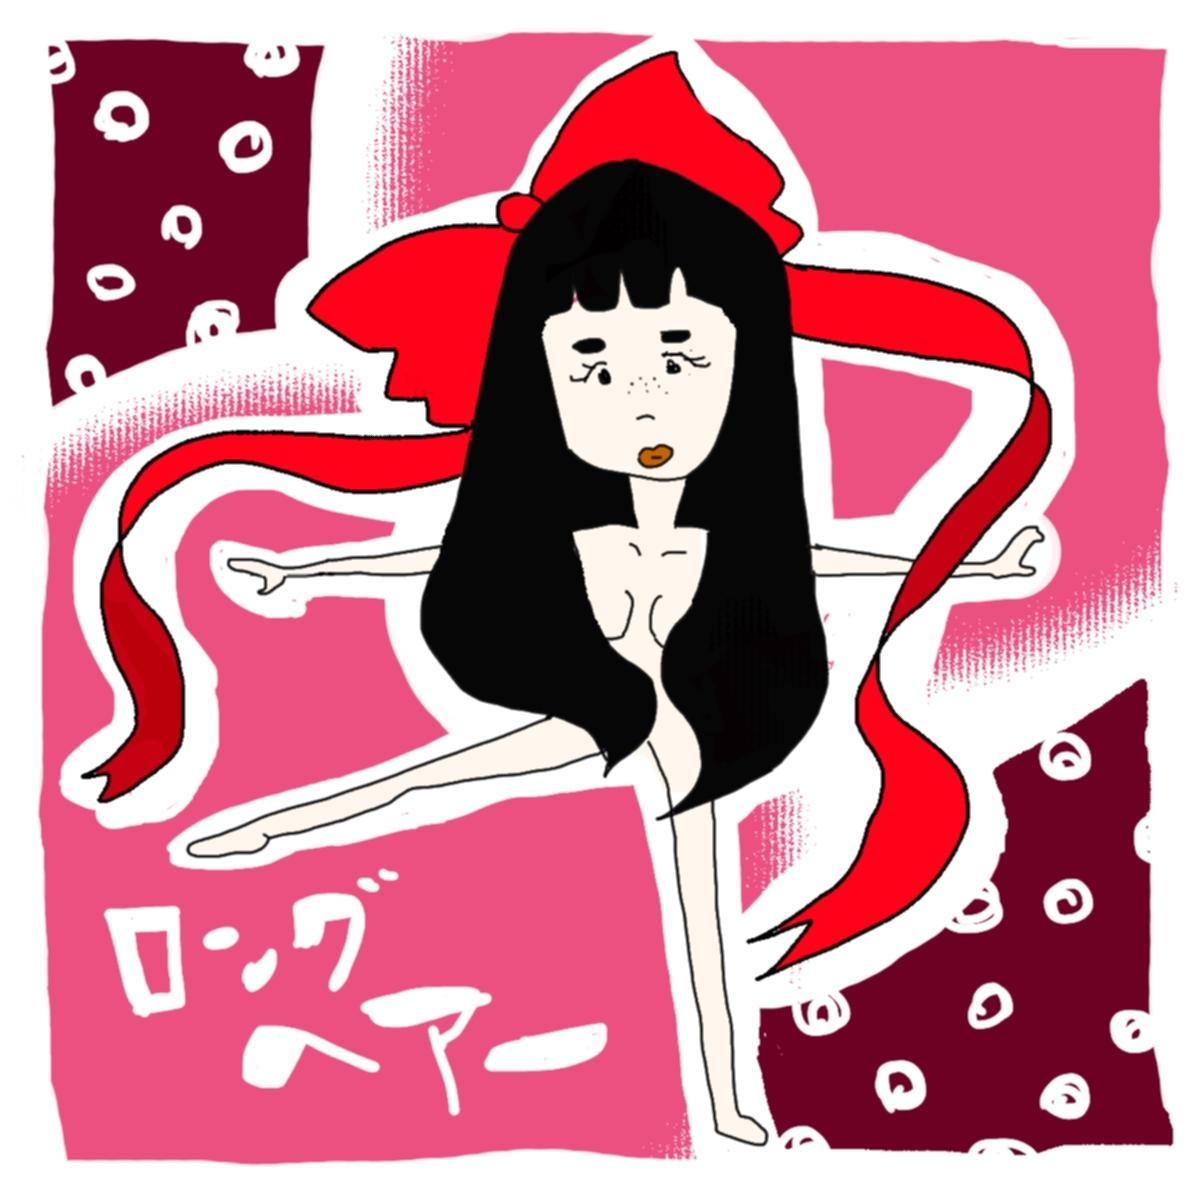 女の子のポップなイラストを作成します ご希望のイメージのイラスト制作します。アイコン・挿絵等に!